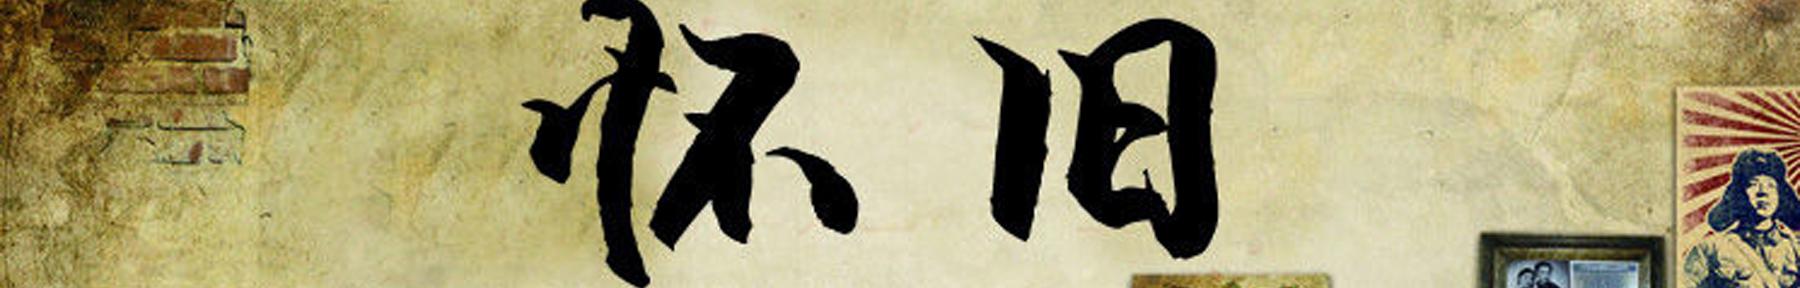 琴岛online banner